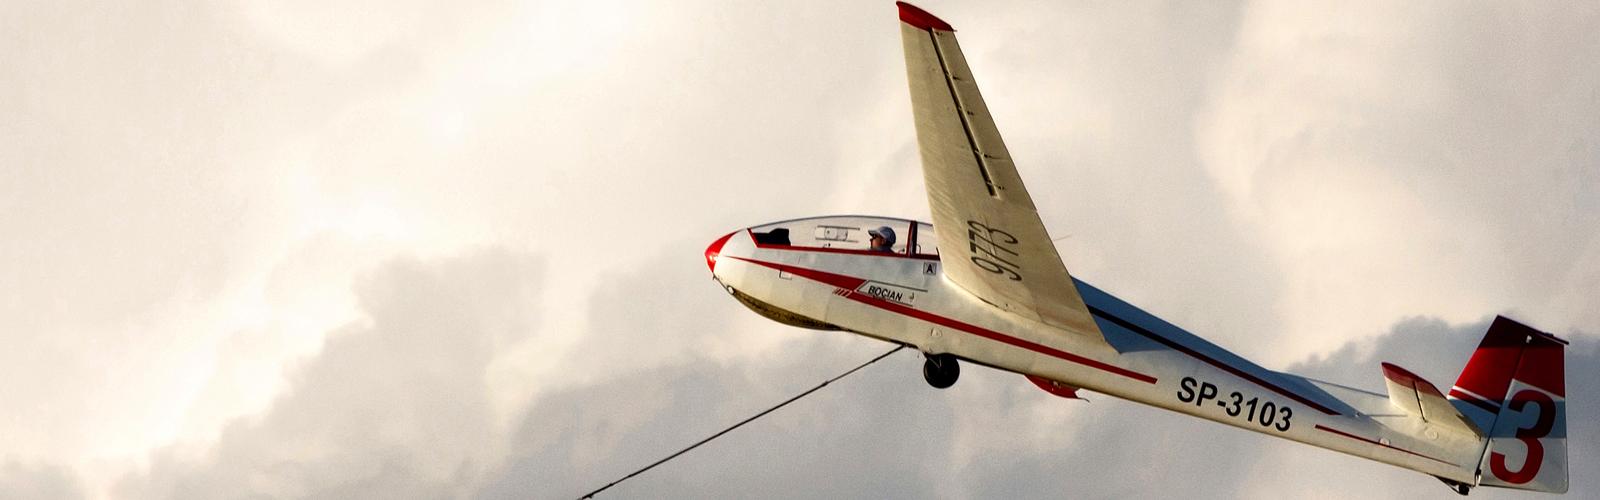 Szkolenie dla pilotów szybowcowych